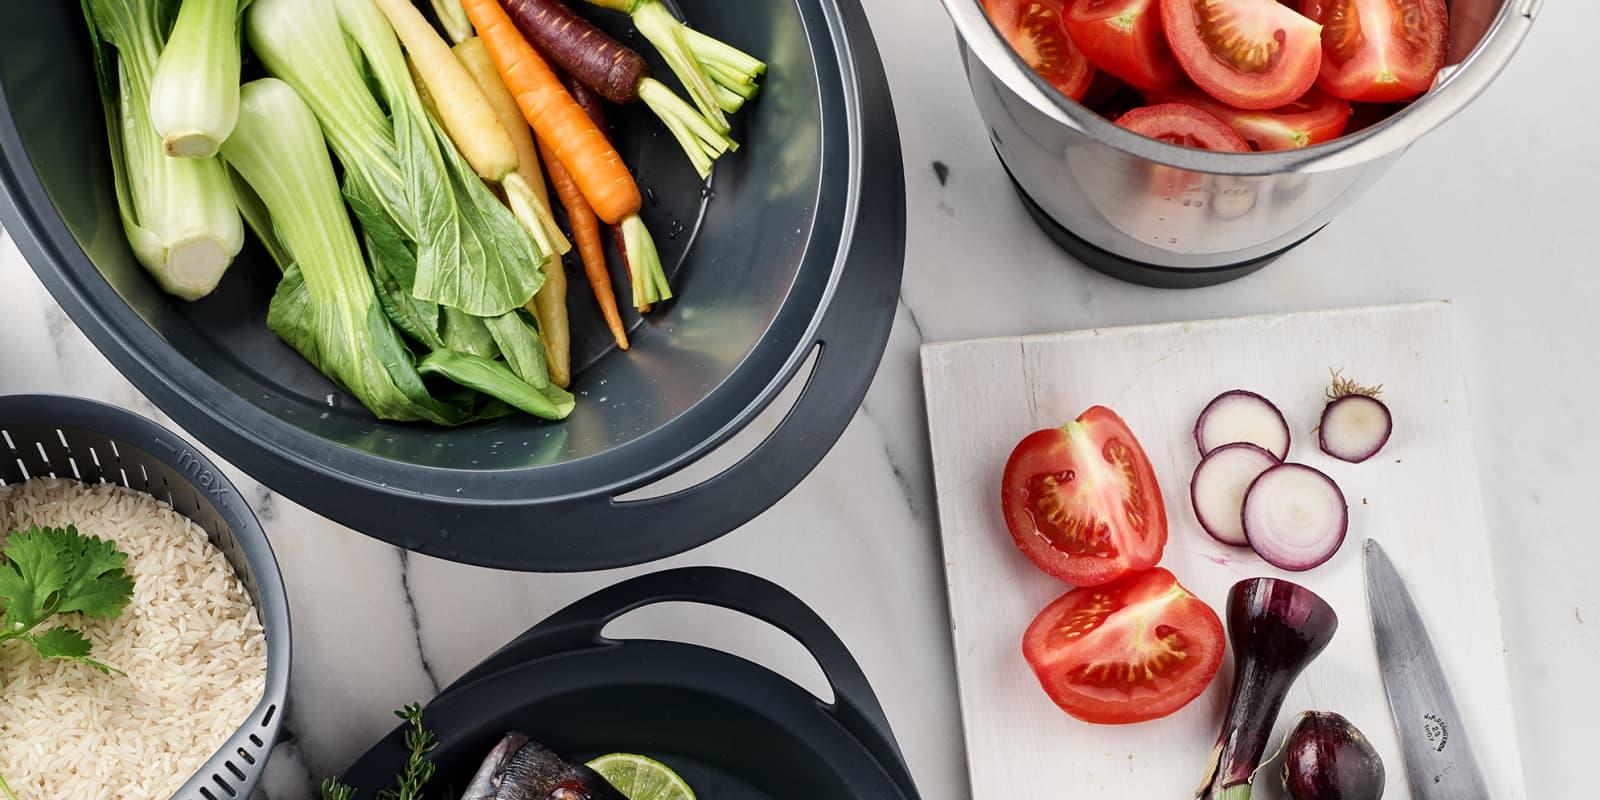 C Cocina En Directo Gratis | Cookidoo La Plataforma De Recetas Oficial De Thermomix